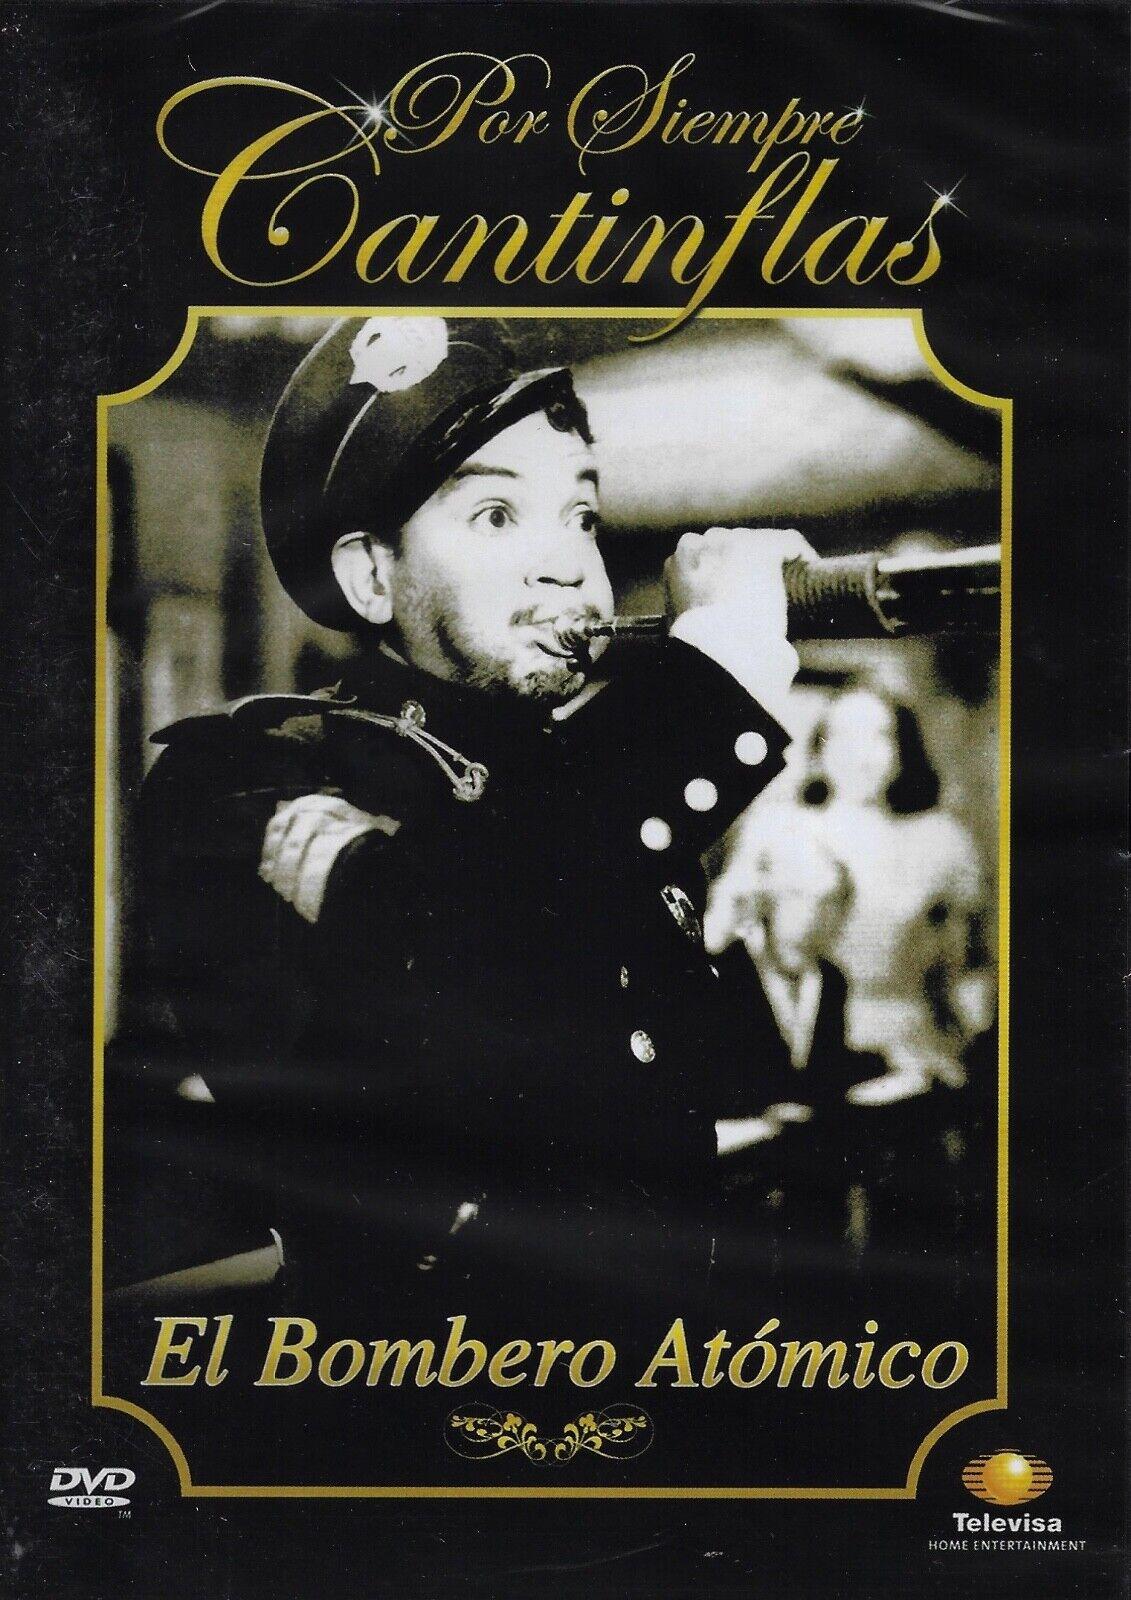 El Bombero At mico Por Siempre Cantinflas Brand- New Dvd  - $10.50